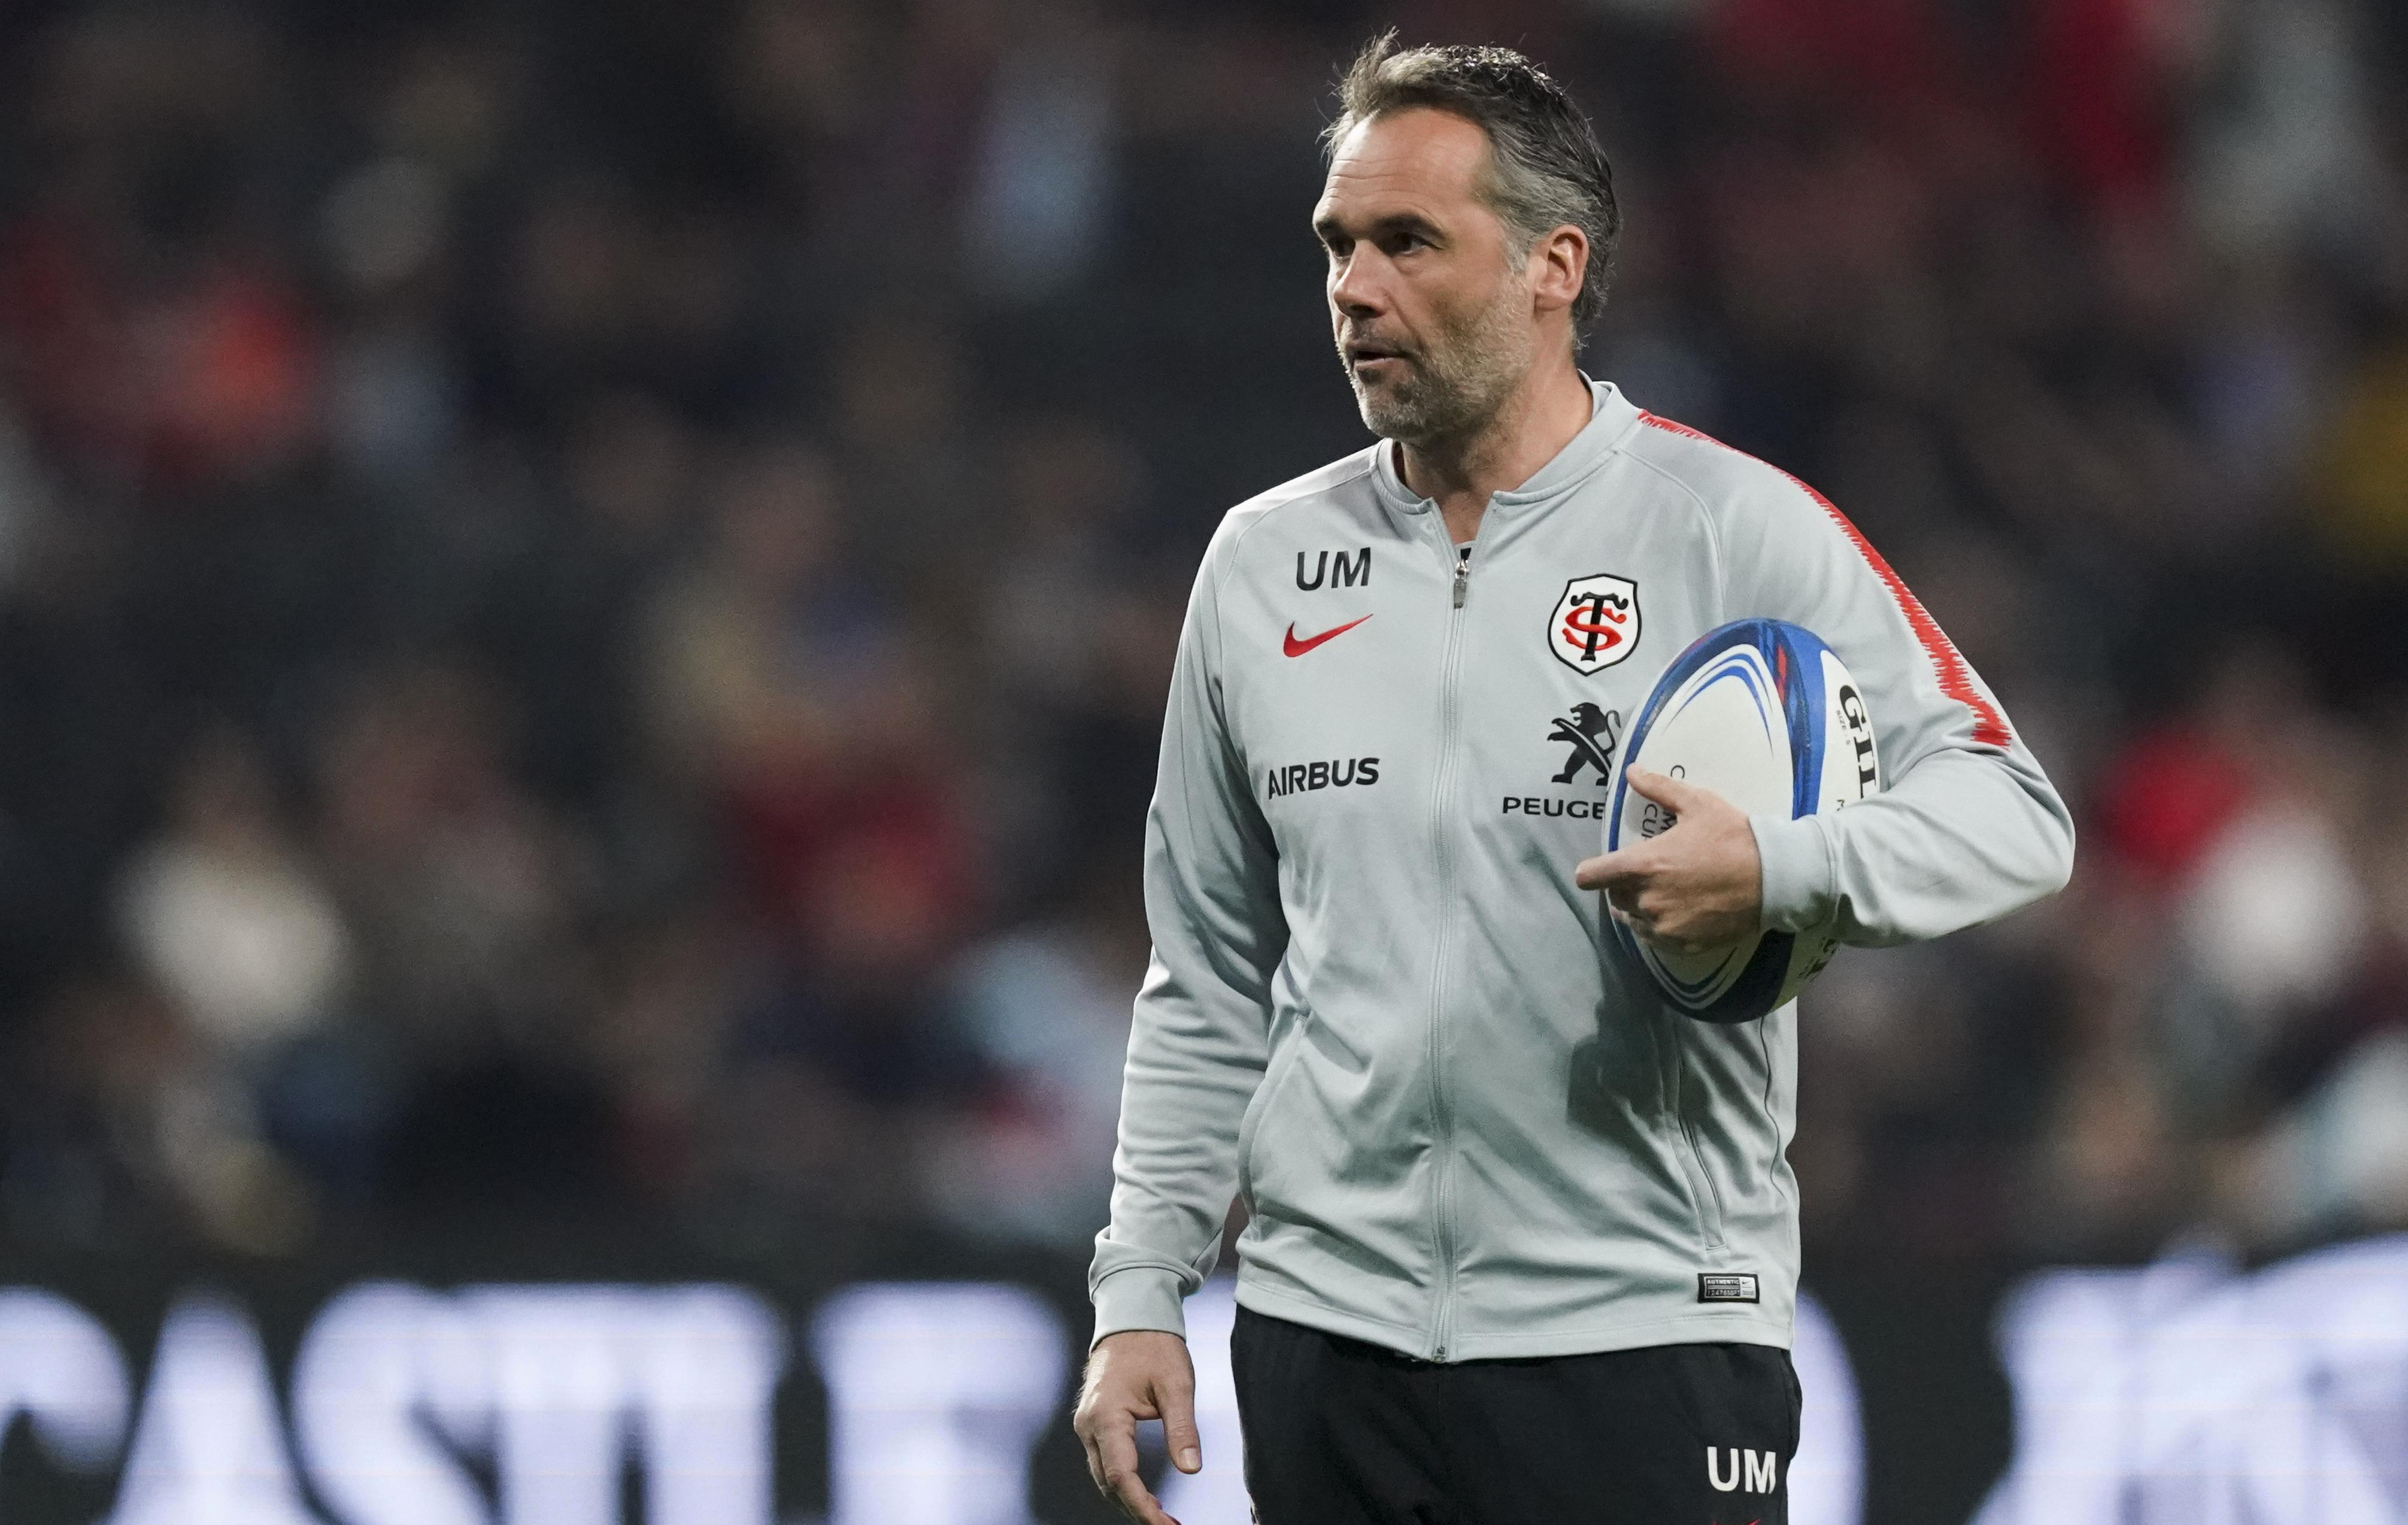 Rugby - Coupes d'Europe - Ugo Mola : «S'il y a un match parfait à sortir, c'est le moment»